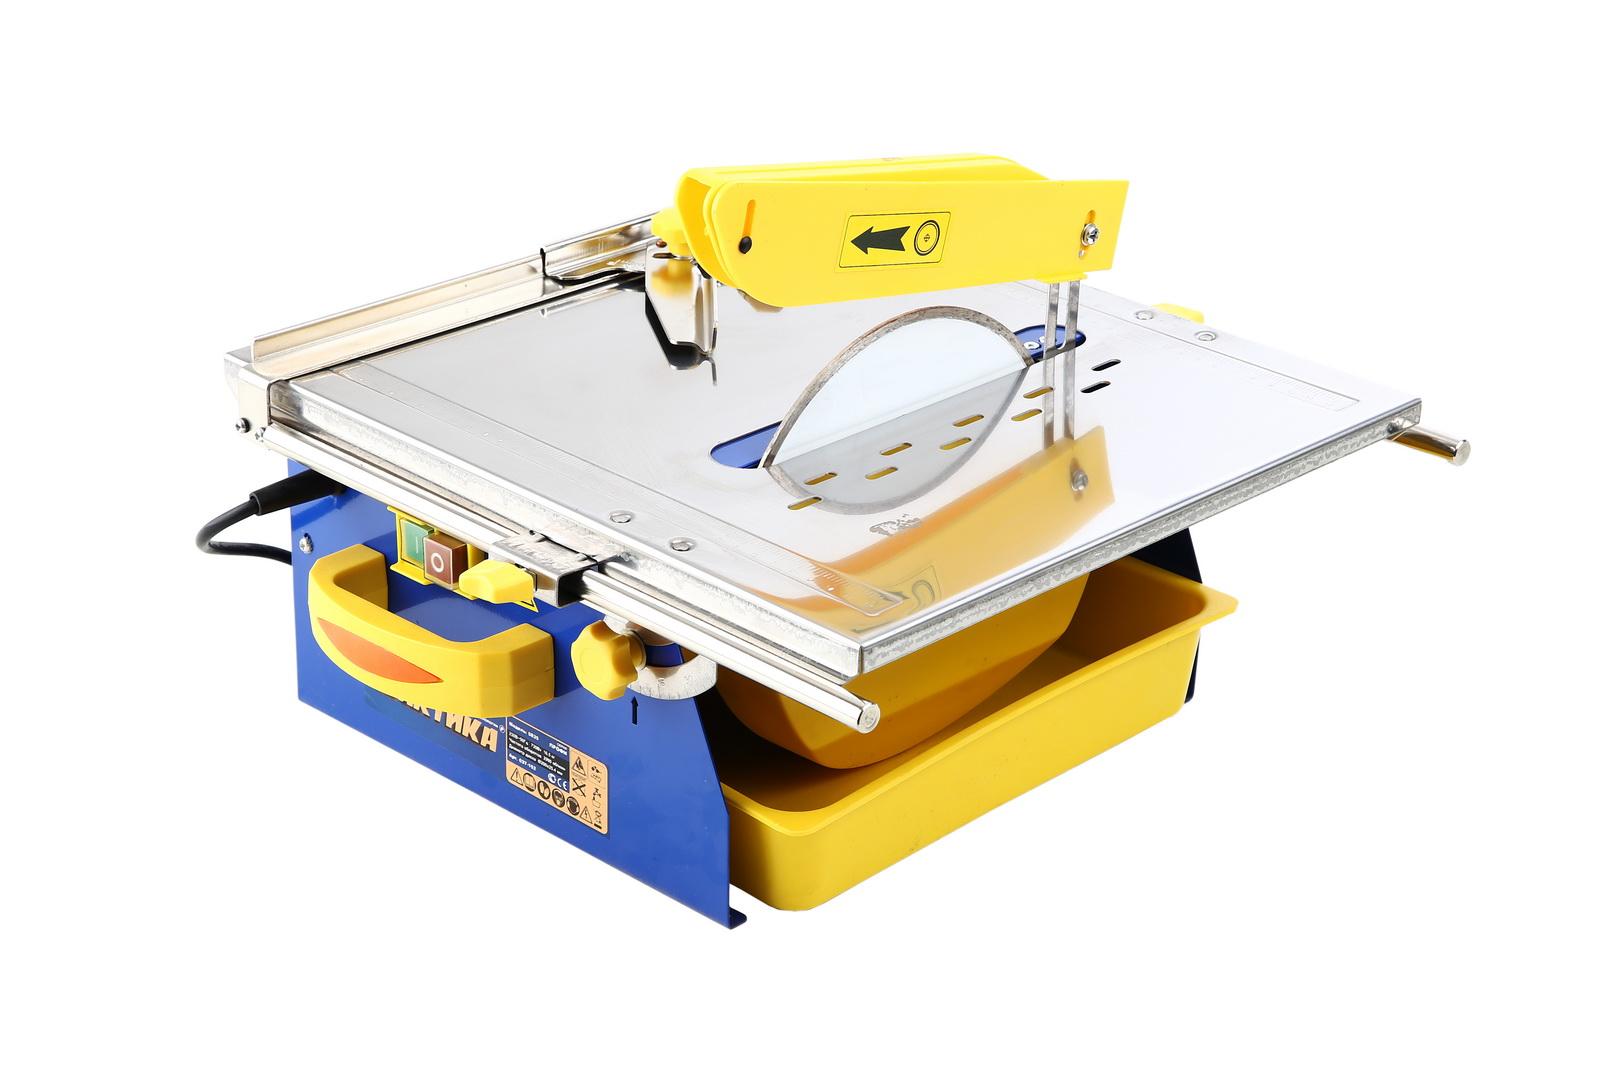 Плиткорез электрический Практика 835 - это выгодная покупка. Потому что заказать товары бренда Практика - это выгодно и цена не высокая.